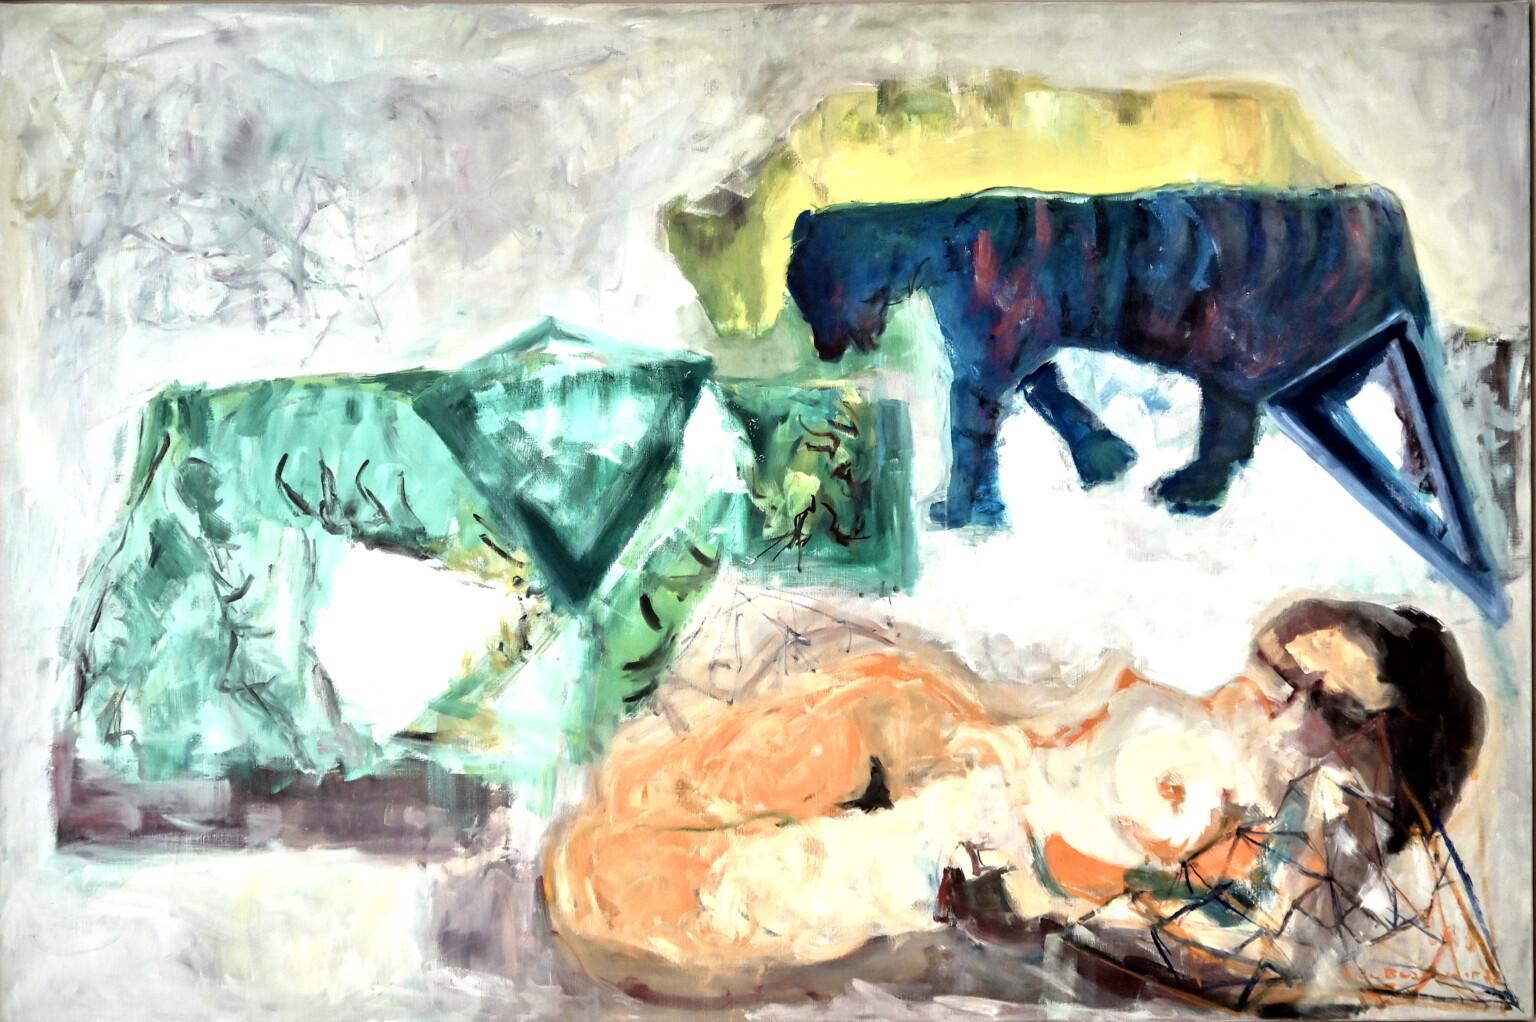 Bild des Werkes mit dem Titel: Tigre vert et tigre bleu (Grüner Tiger und blauer Tiger)